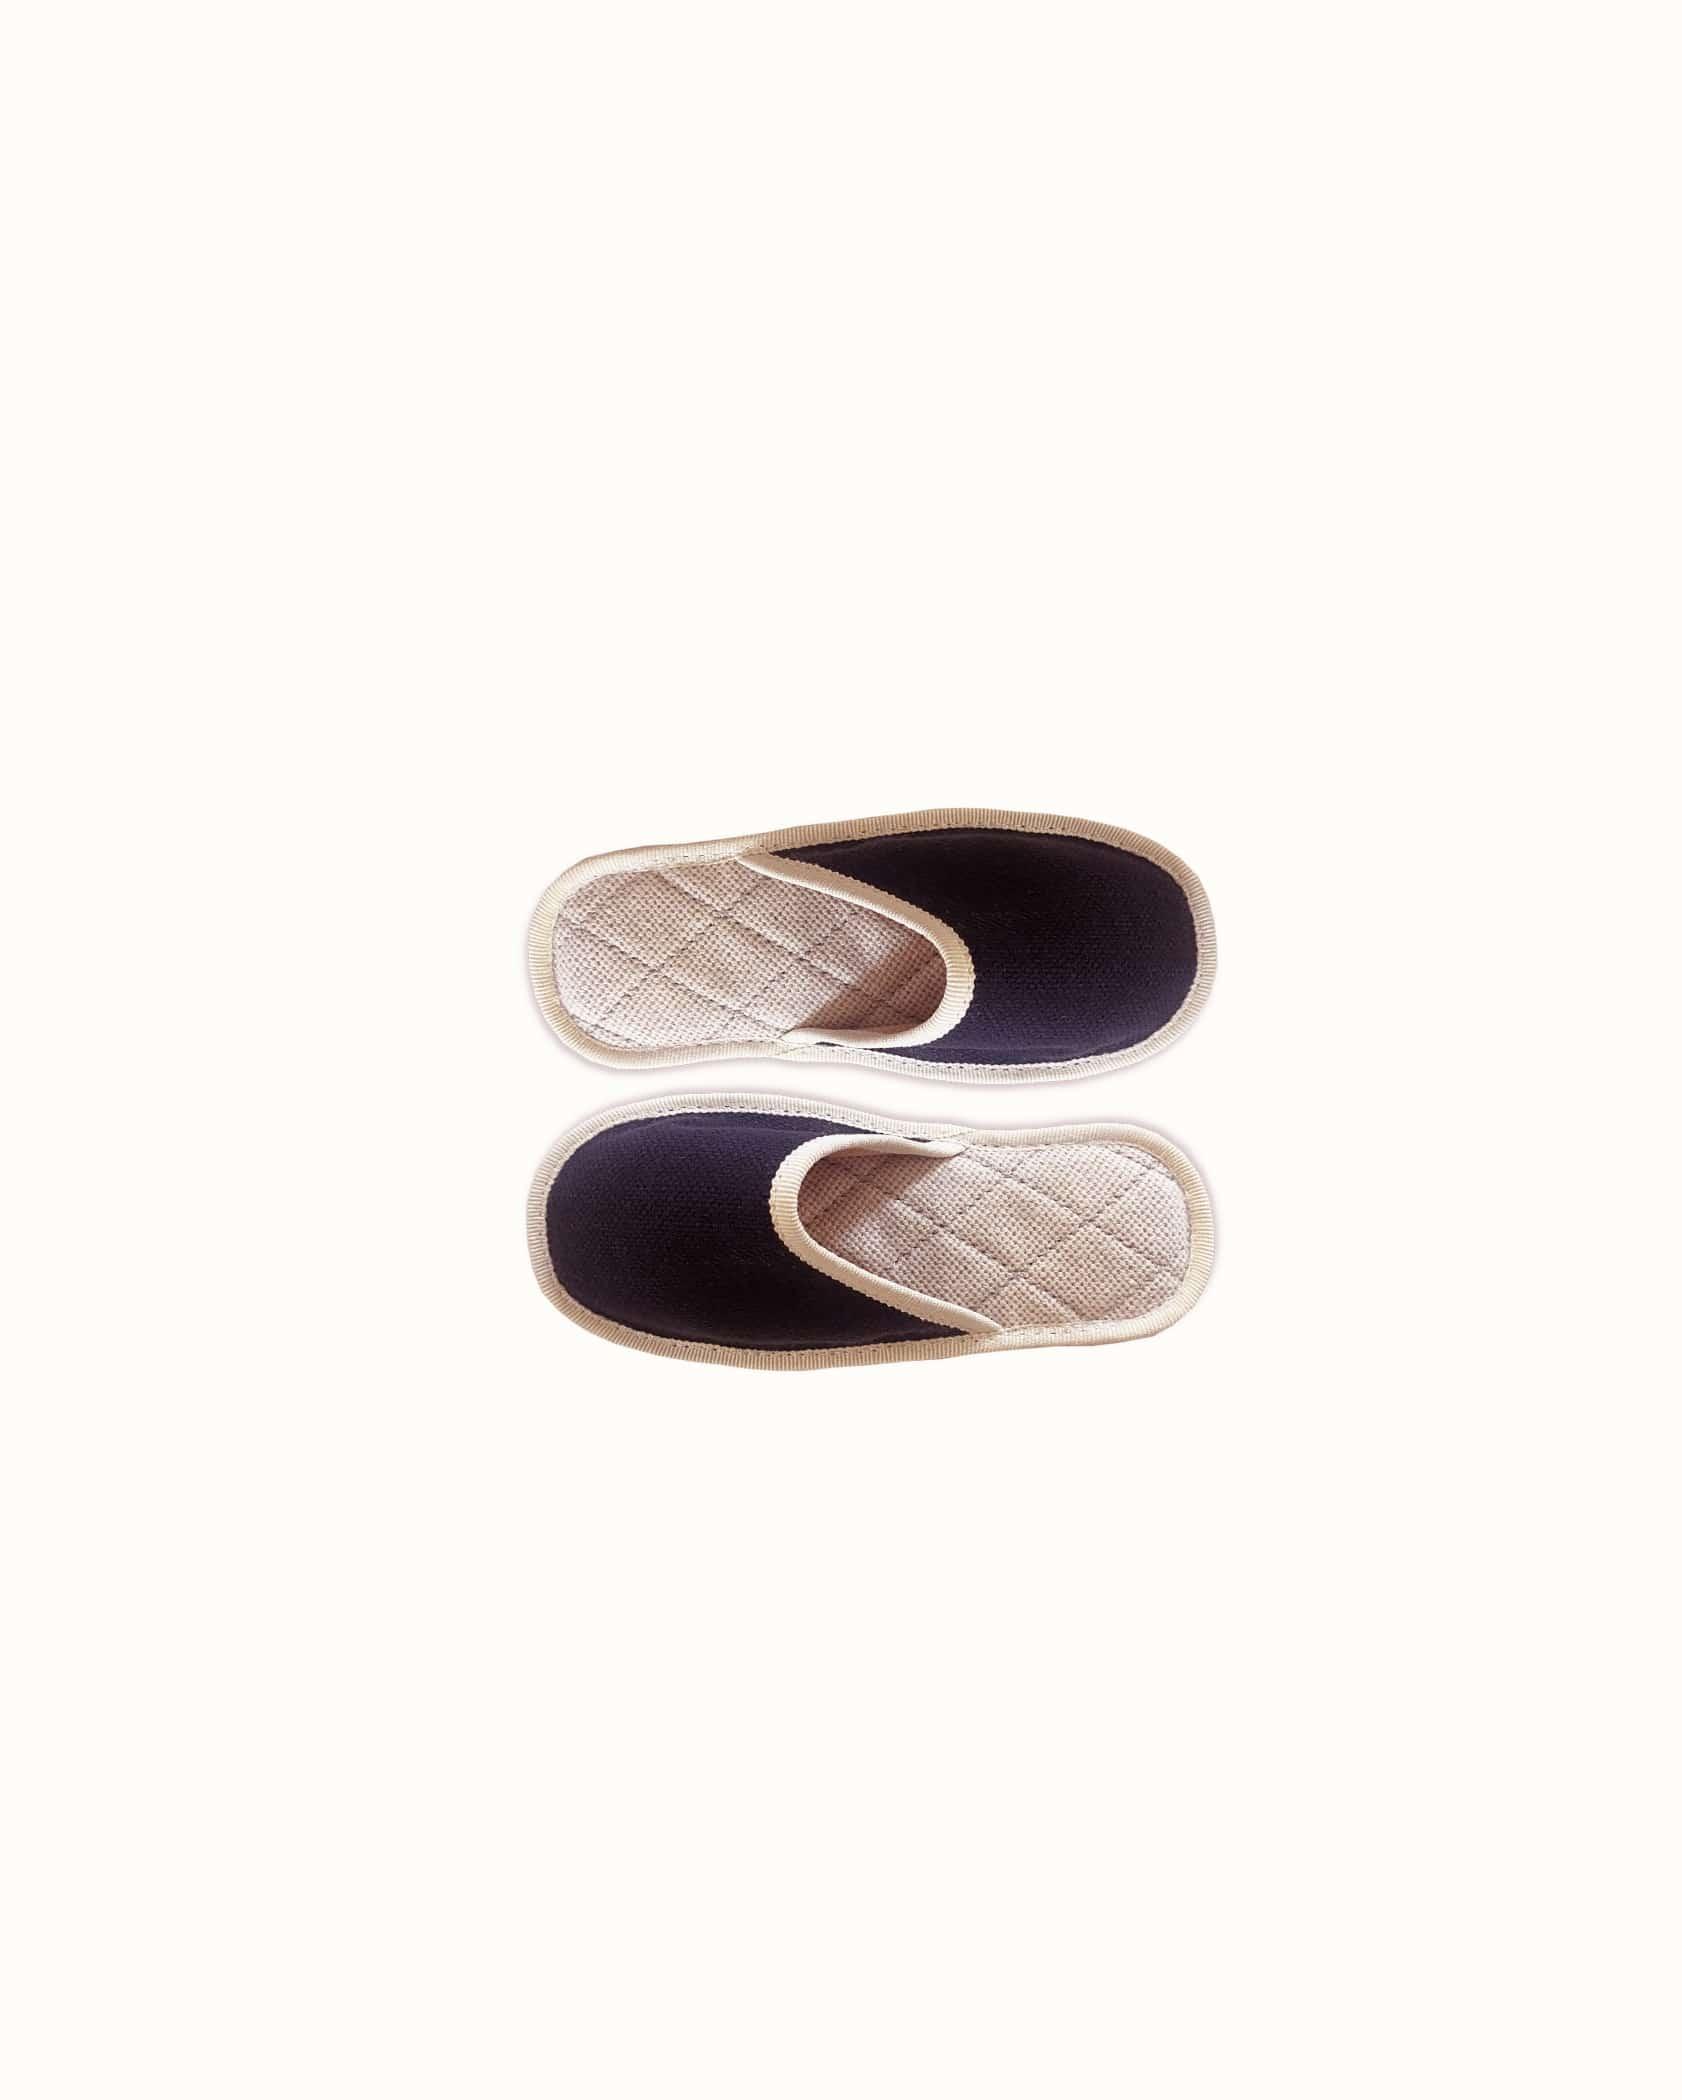 Chausson français pour enfant fabriqué en France. Modèle Petit Minuit (marine et blanc), une pantoufle comme à l'hôtel vêtue d'un rembourrage matelassé et d'une finition sophistiquée.